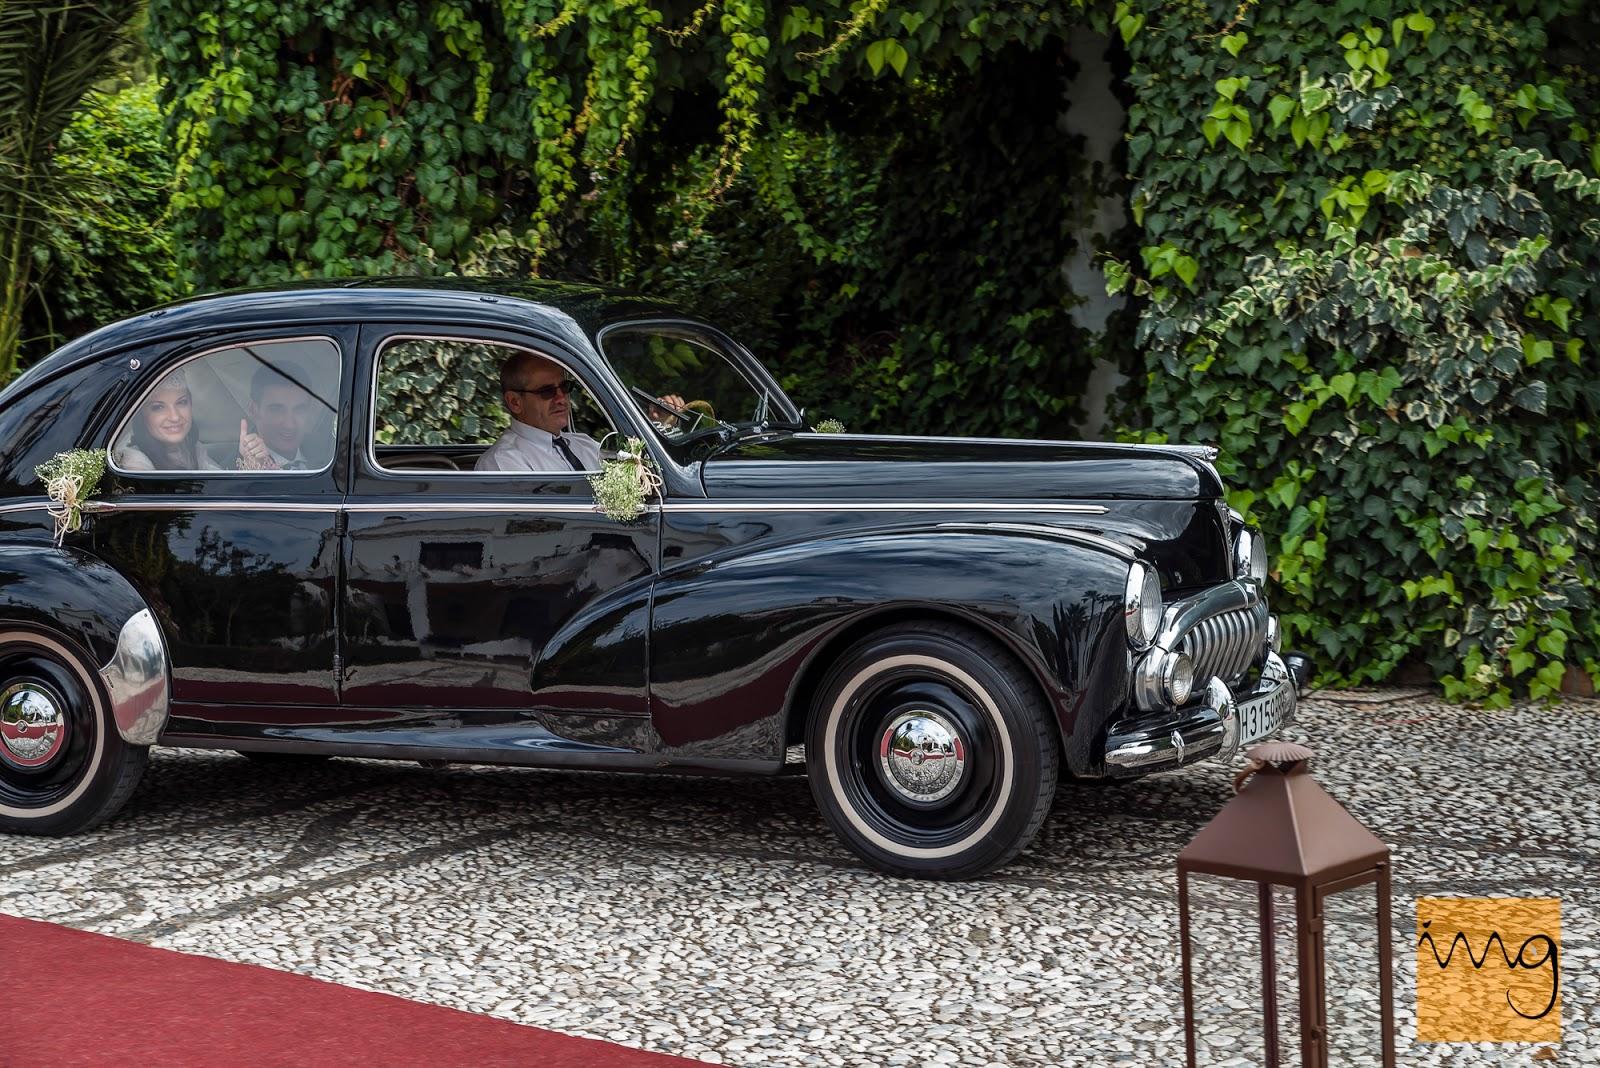 Fotografía de boda en Granada, llegada al Caballo Blanco